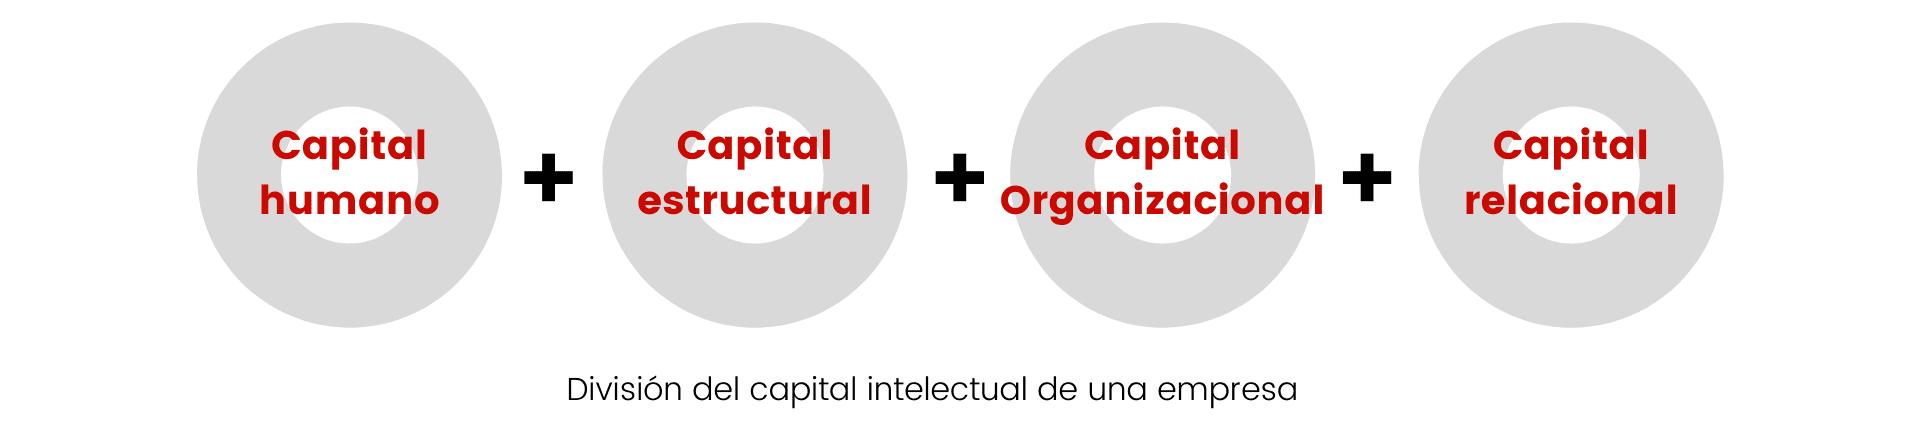 Cómo se divide el capital intelectual de la empresa